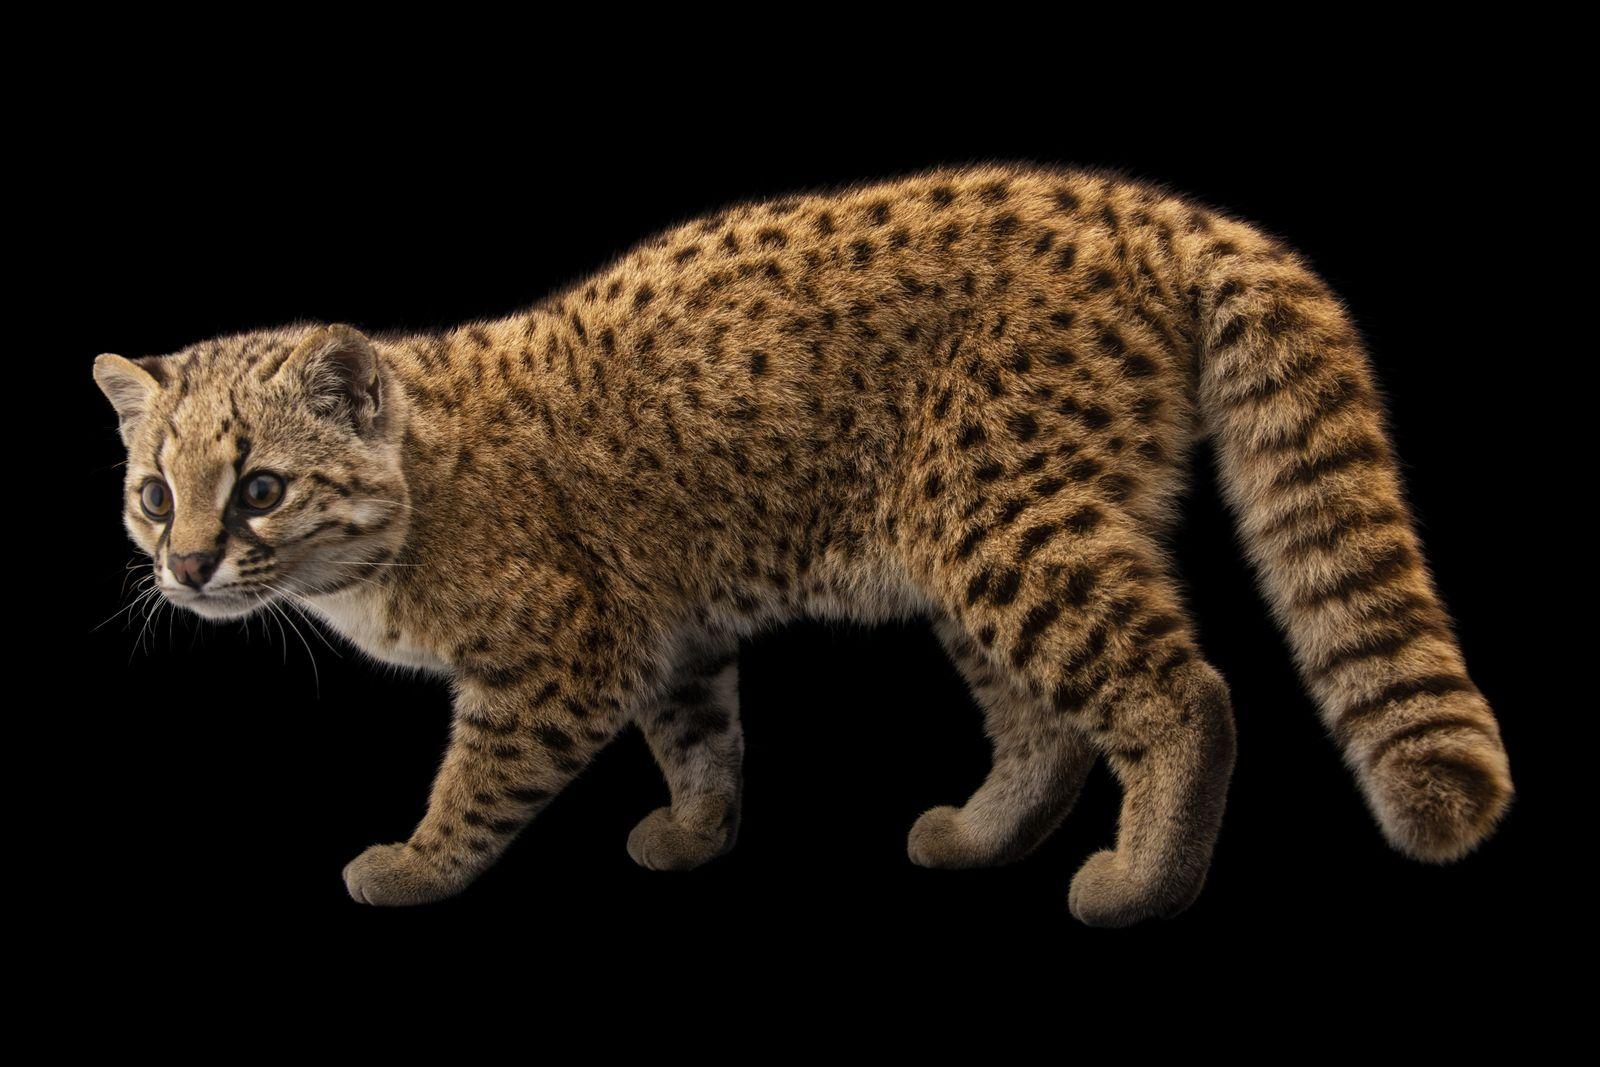 L'arche photographique de National Geographic compte désormais 10 000 espèces